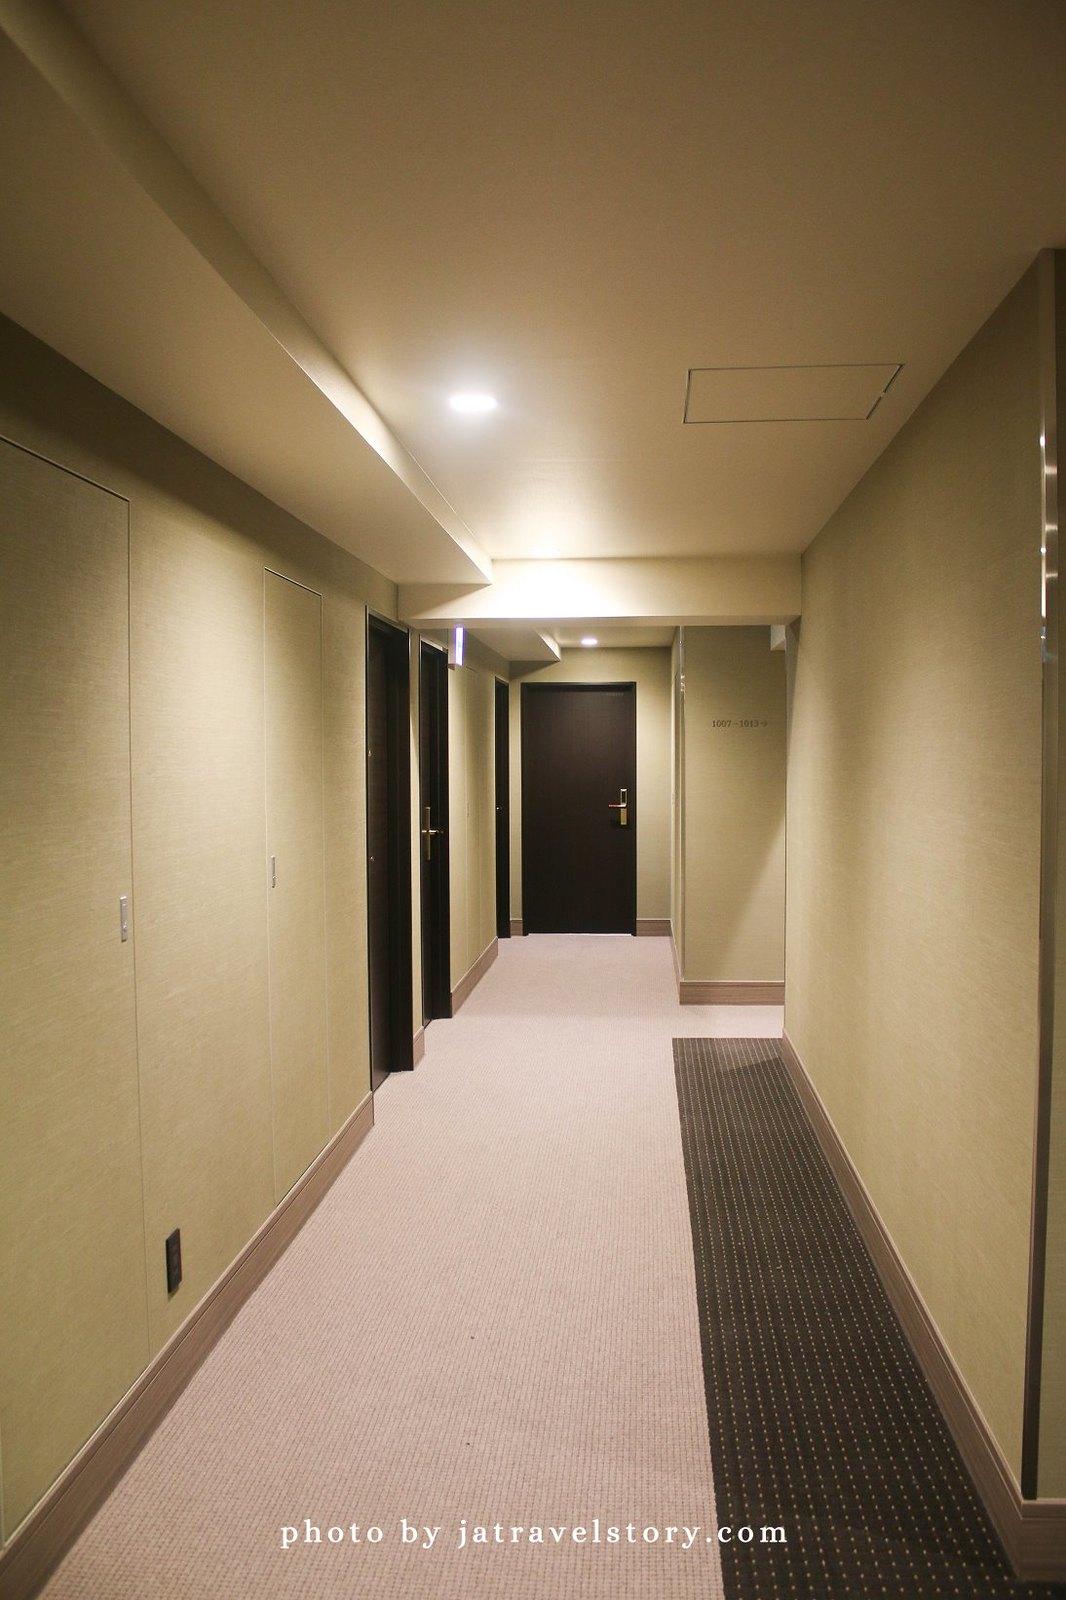 【大阪住宿推薦】難波黑門WBF飯店(WBF難波黑門飯店)走到日本橋站只要2分鐘,鄰近黑門市場、道頓堀商圈。Hotel WBF Namba Kuromon @J&A的旅行